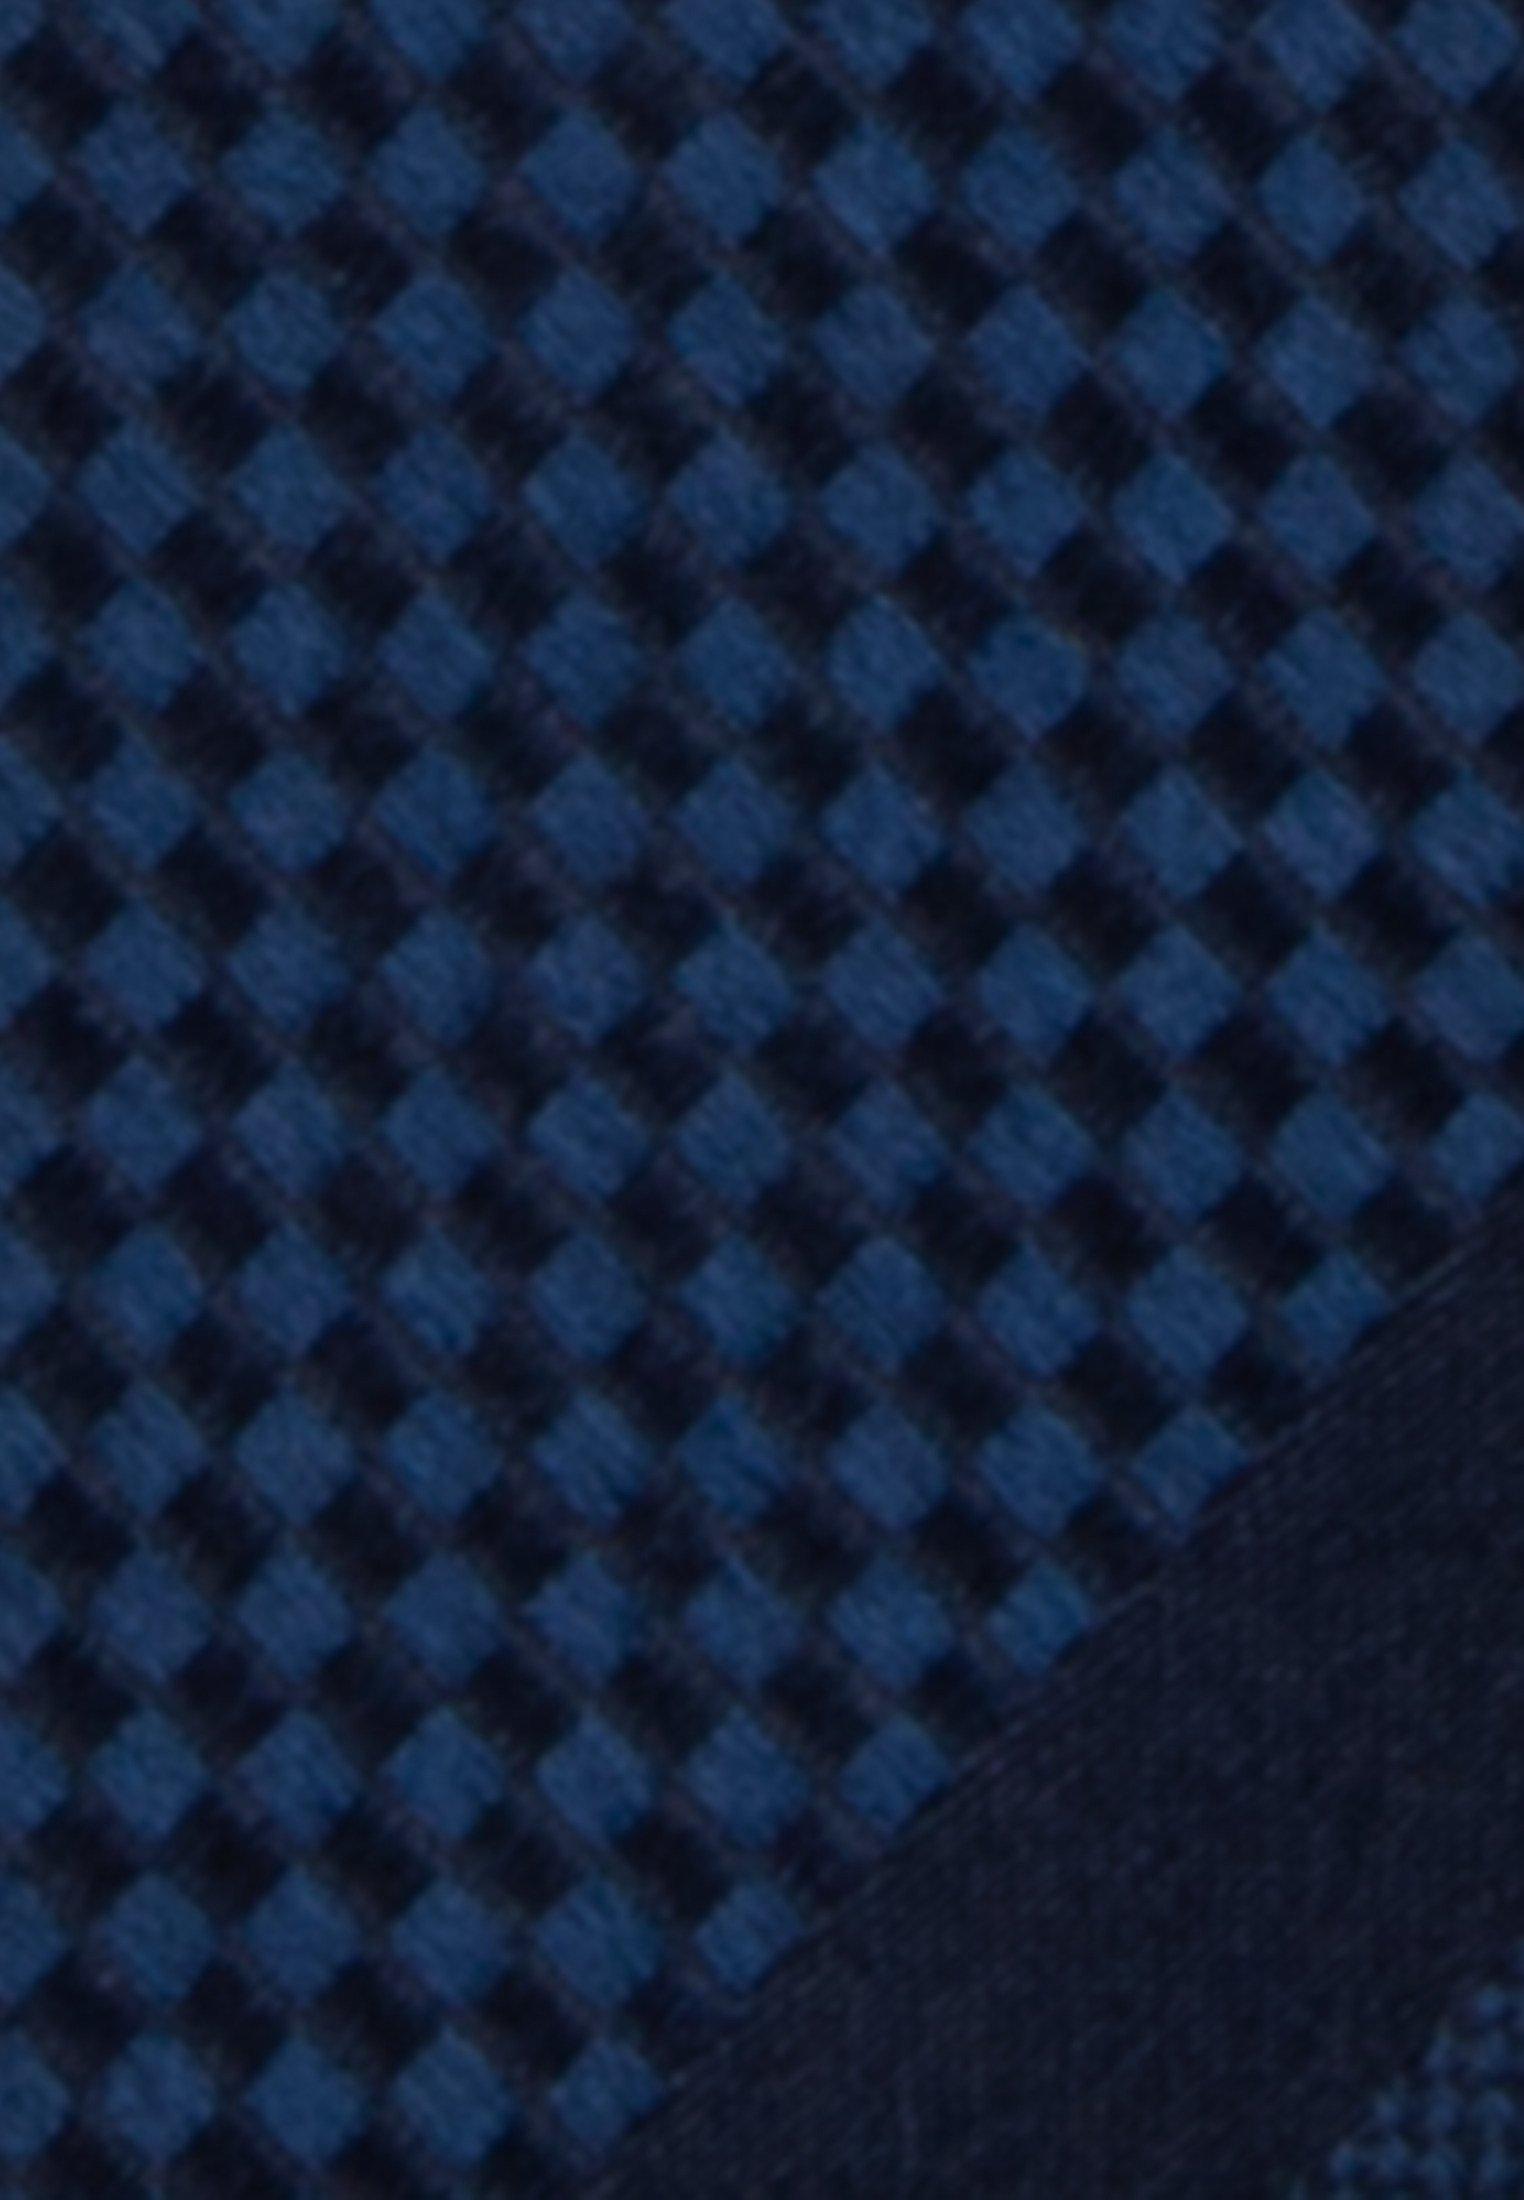 Seidensticker Krawatte - dunkelblau - Herrenaccessoires CIdbn